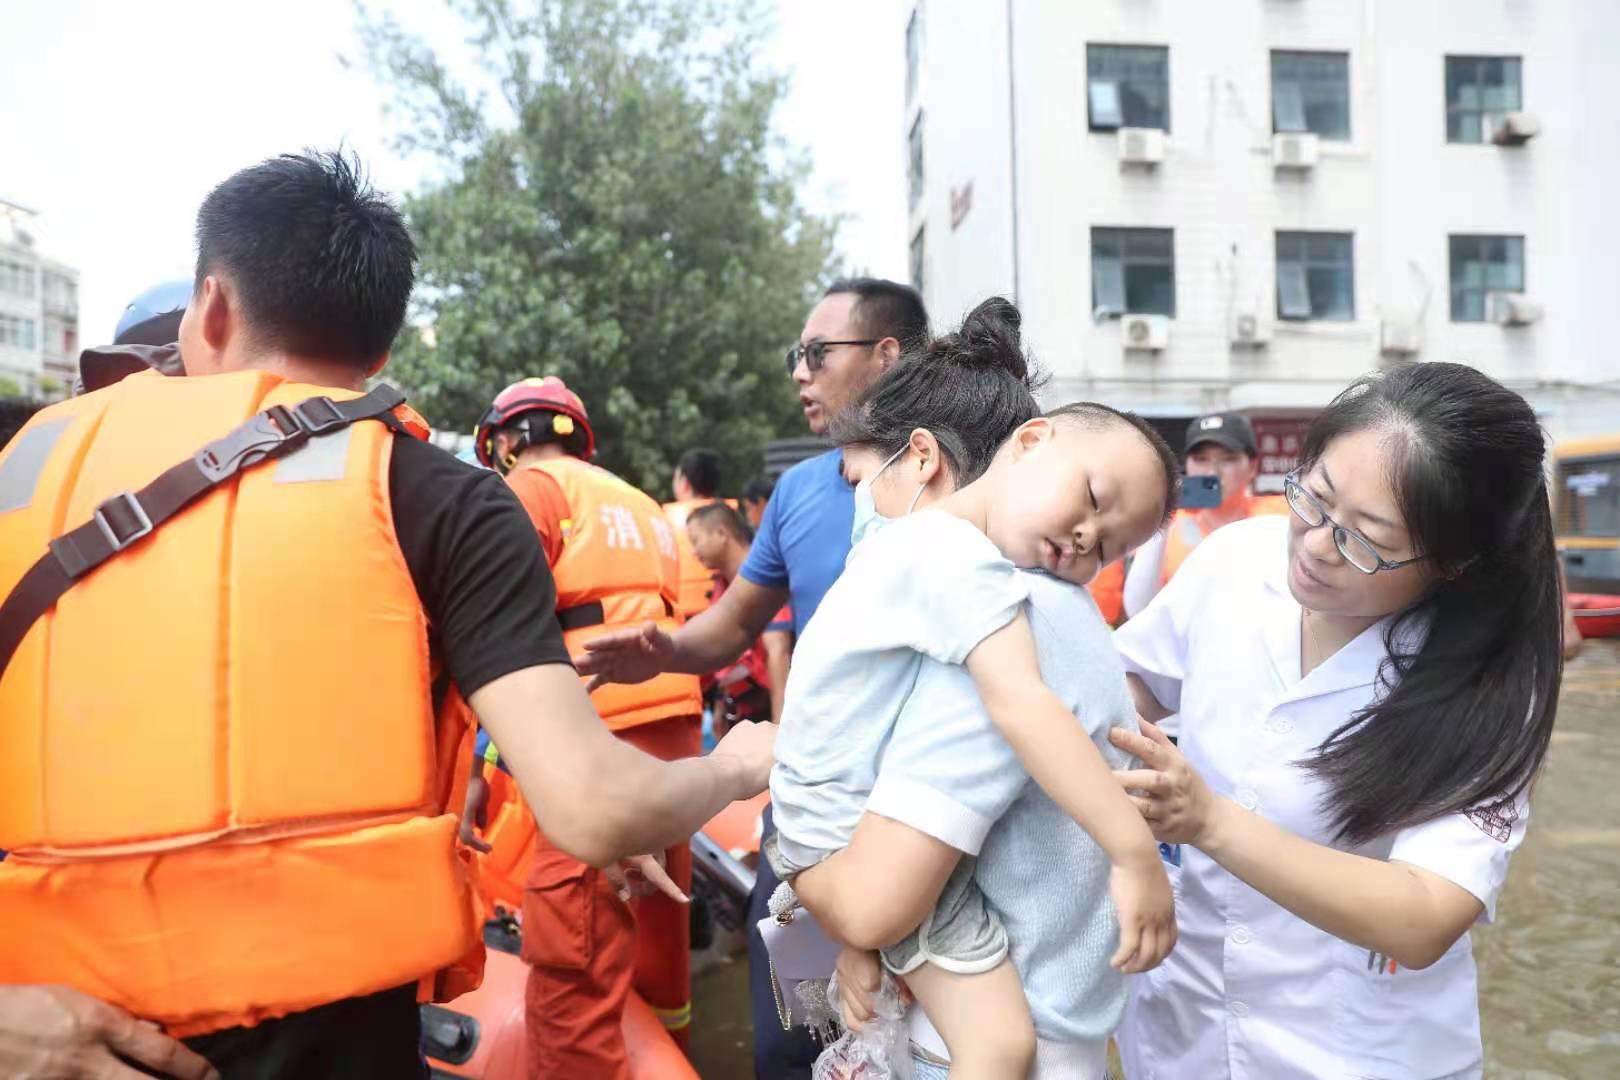 26日下午,新乡医学院第一附属医院住院楼门口,等待转运的孩子趴在妈妈肩膀上。